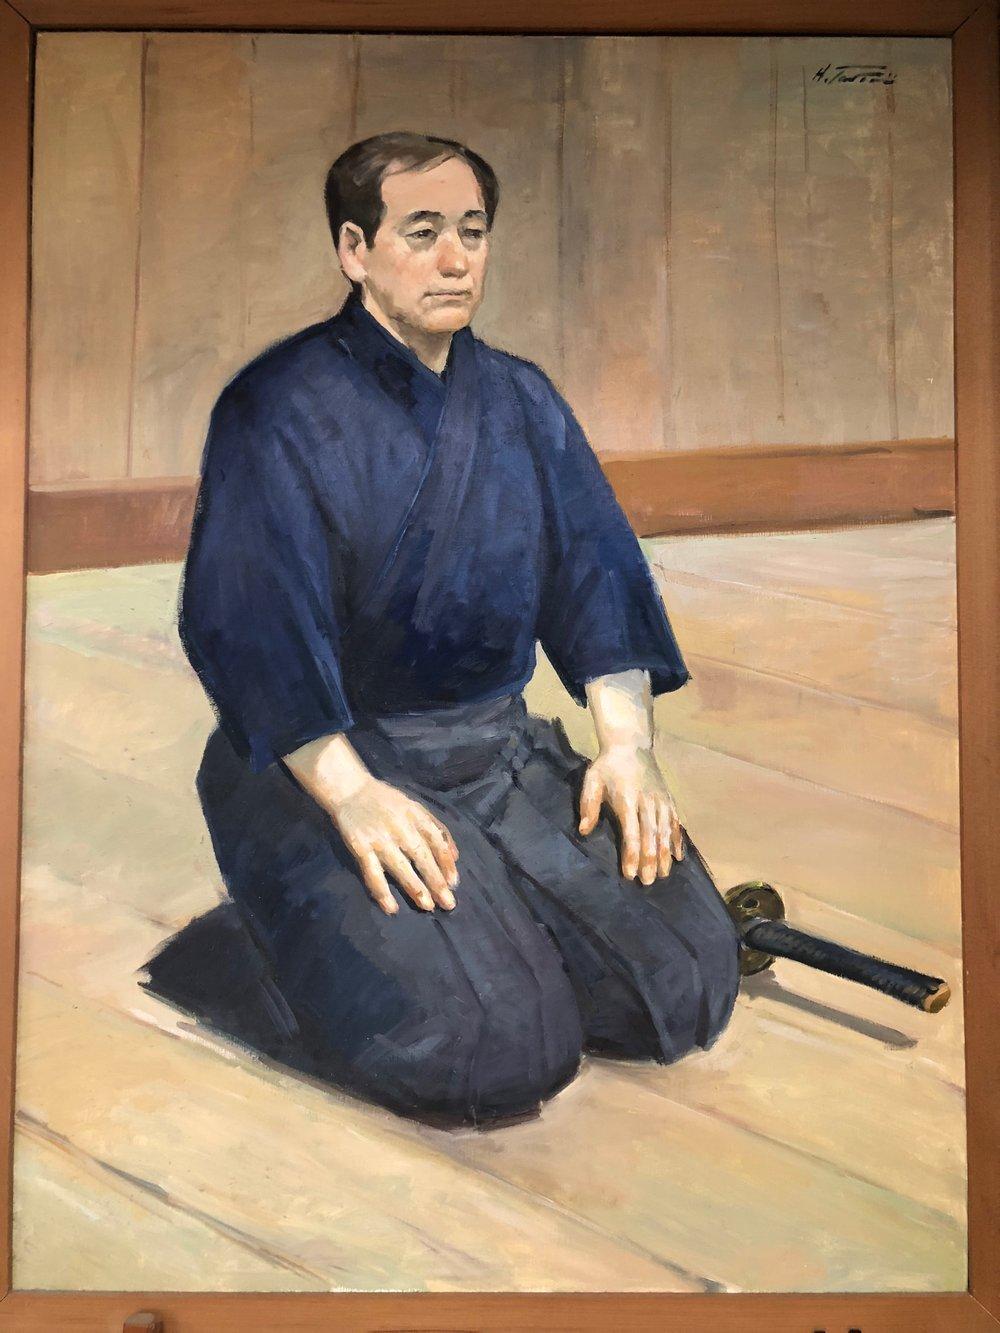 Painted by Hironori Taniai.